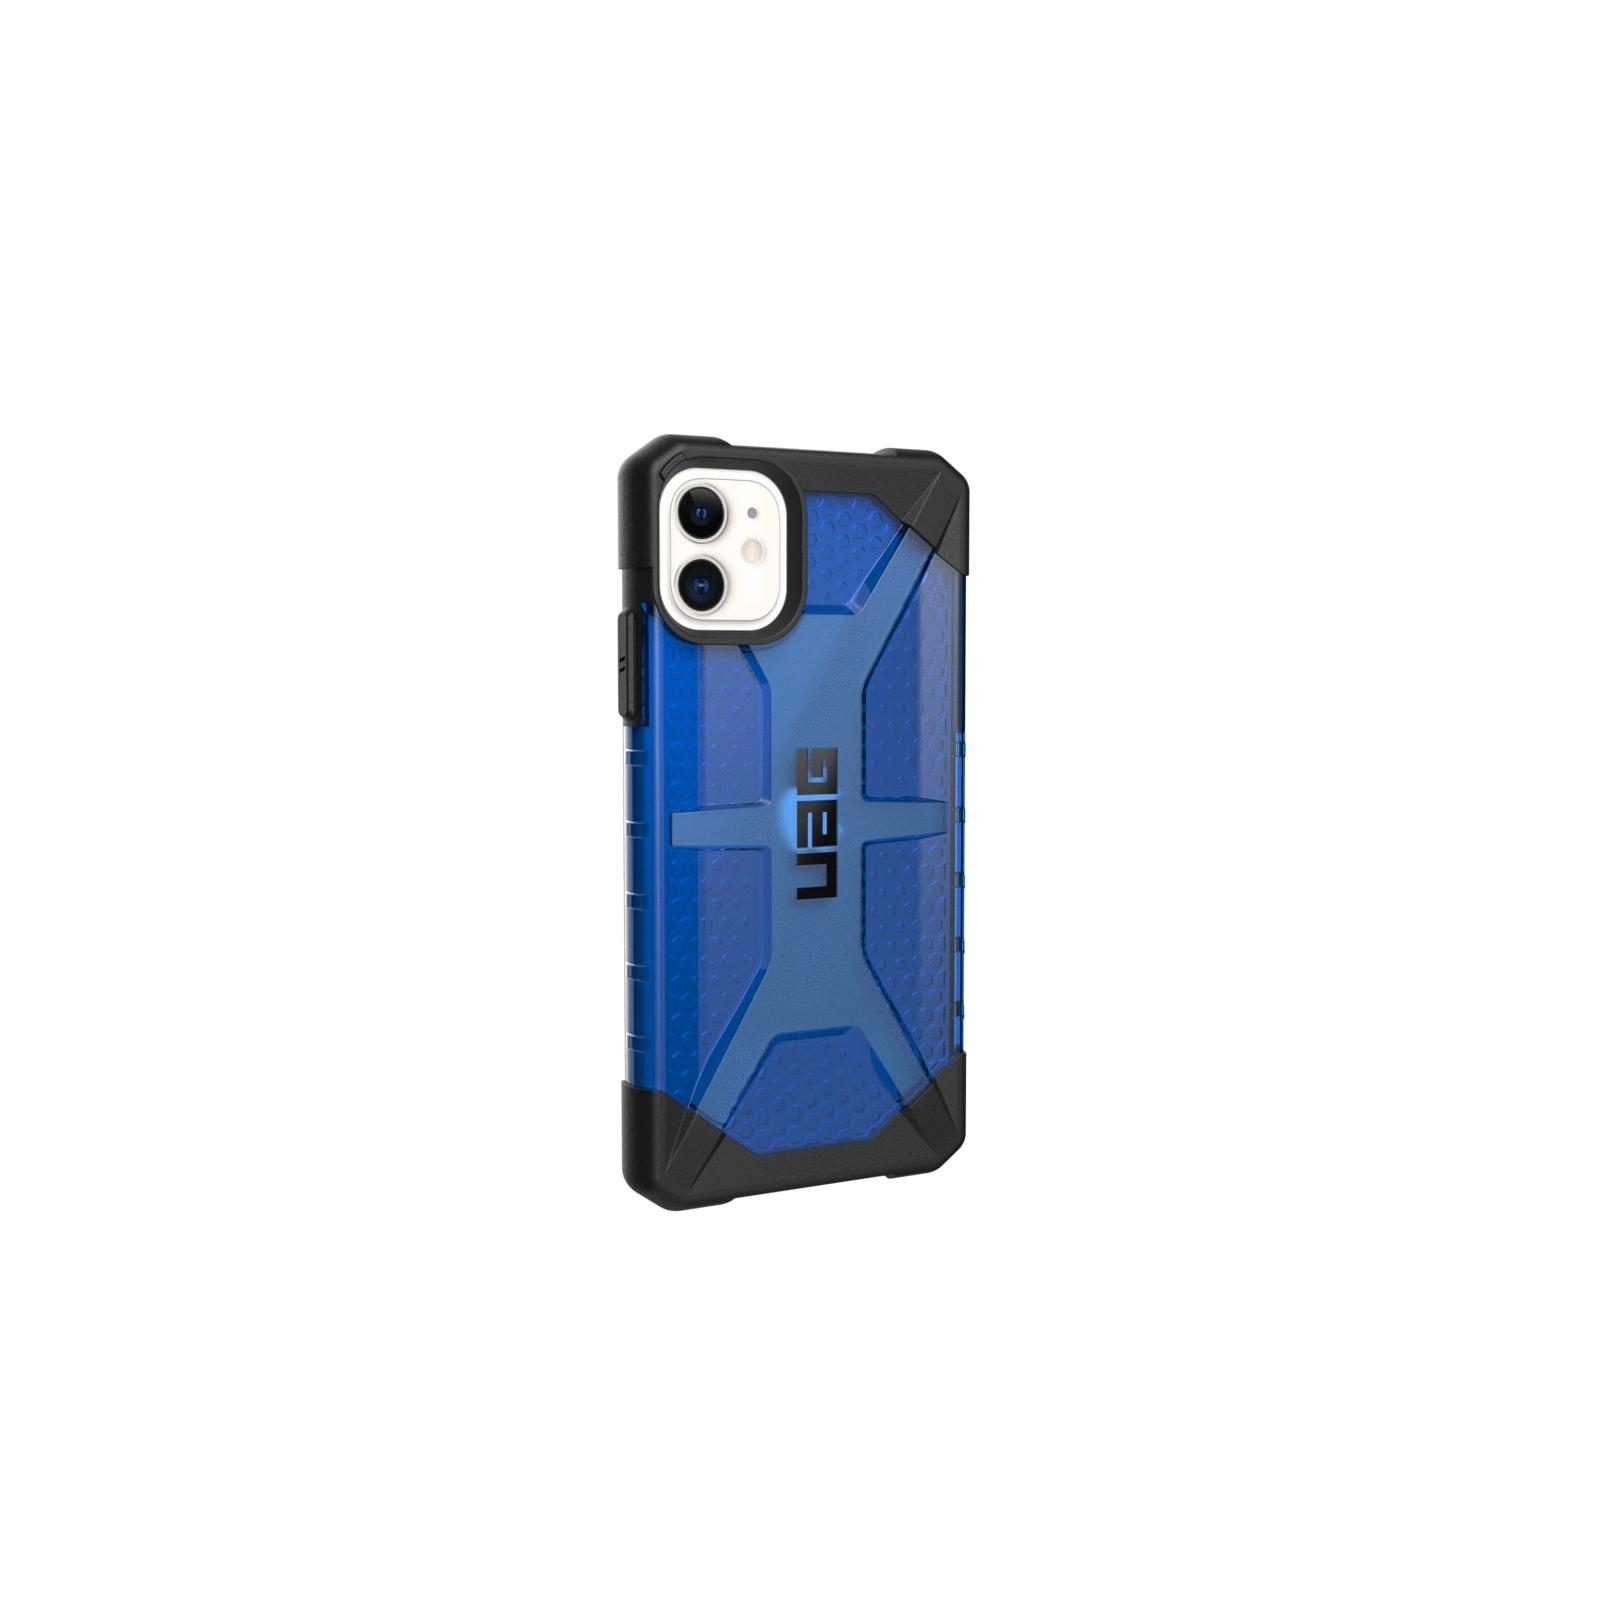 Чехол для моб. телефона Uag iPhone 11 Plasma, Ash (111713113131) изображение 3